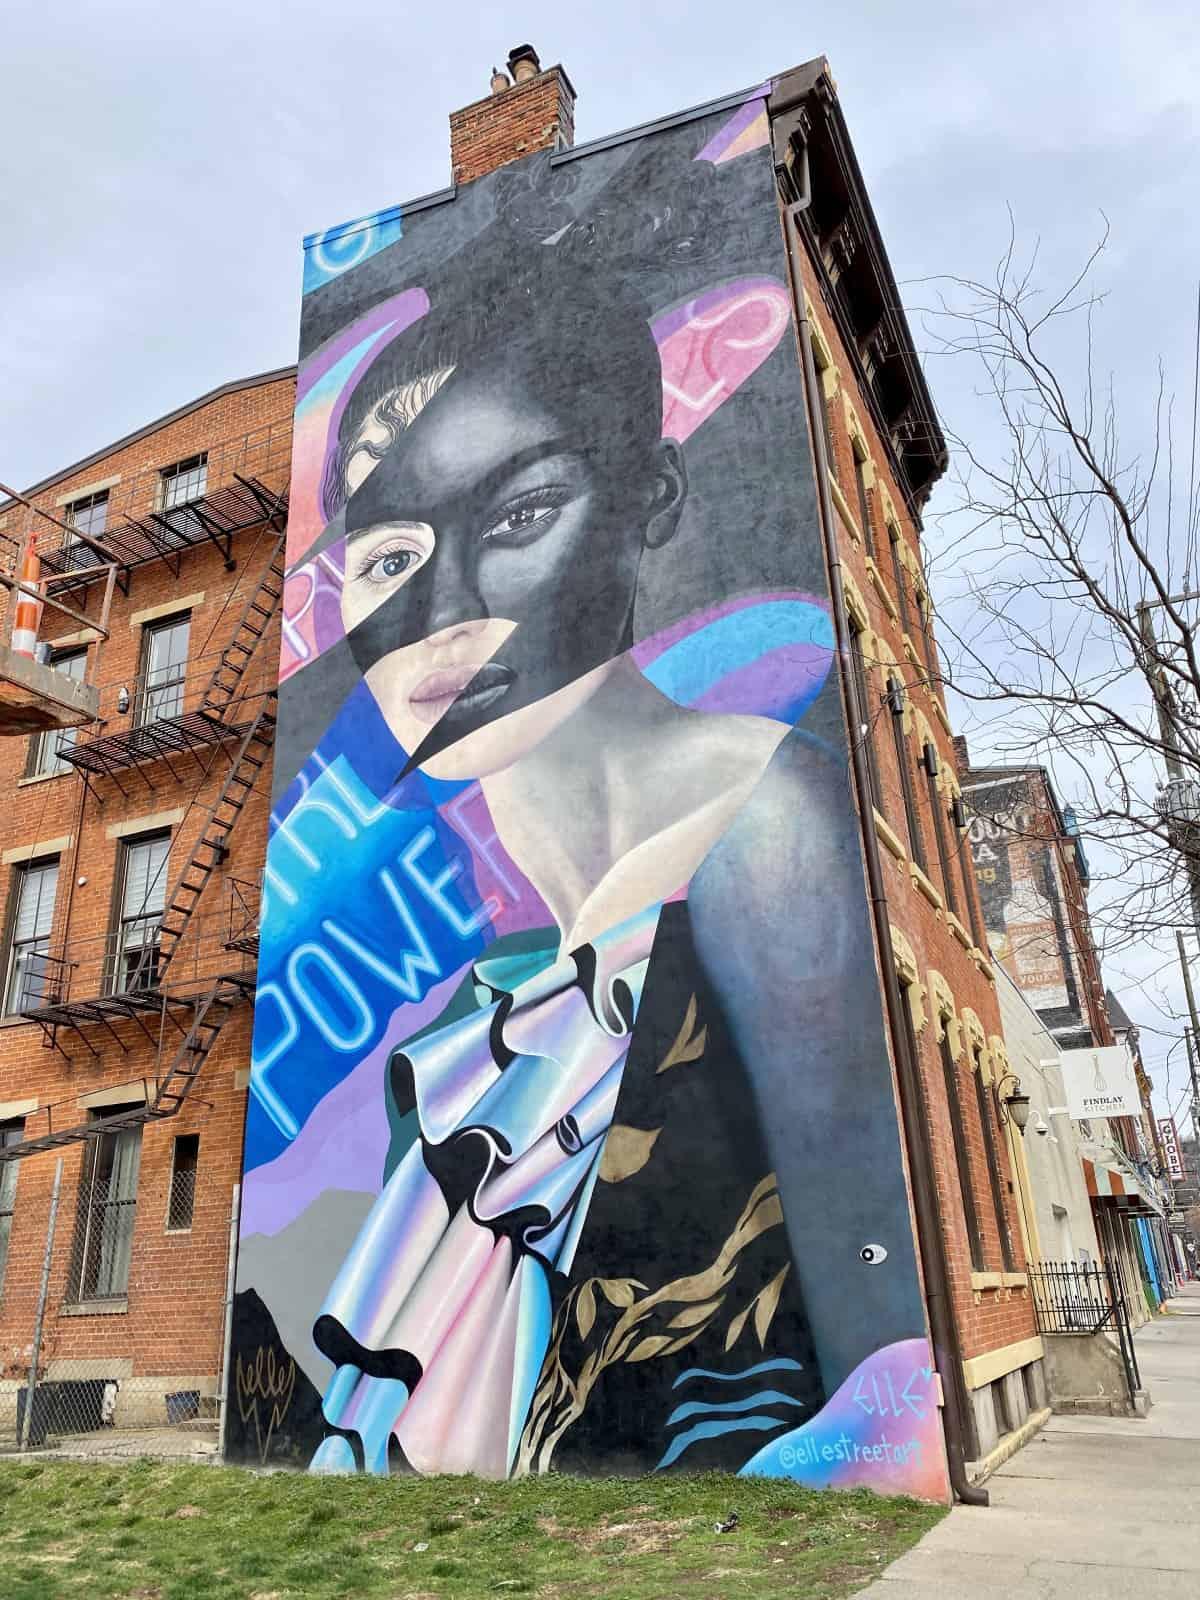 Exploring murals in Cincinnati - street art in the Findlay Market area of OTR